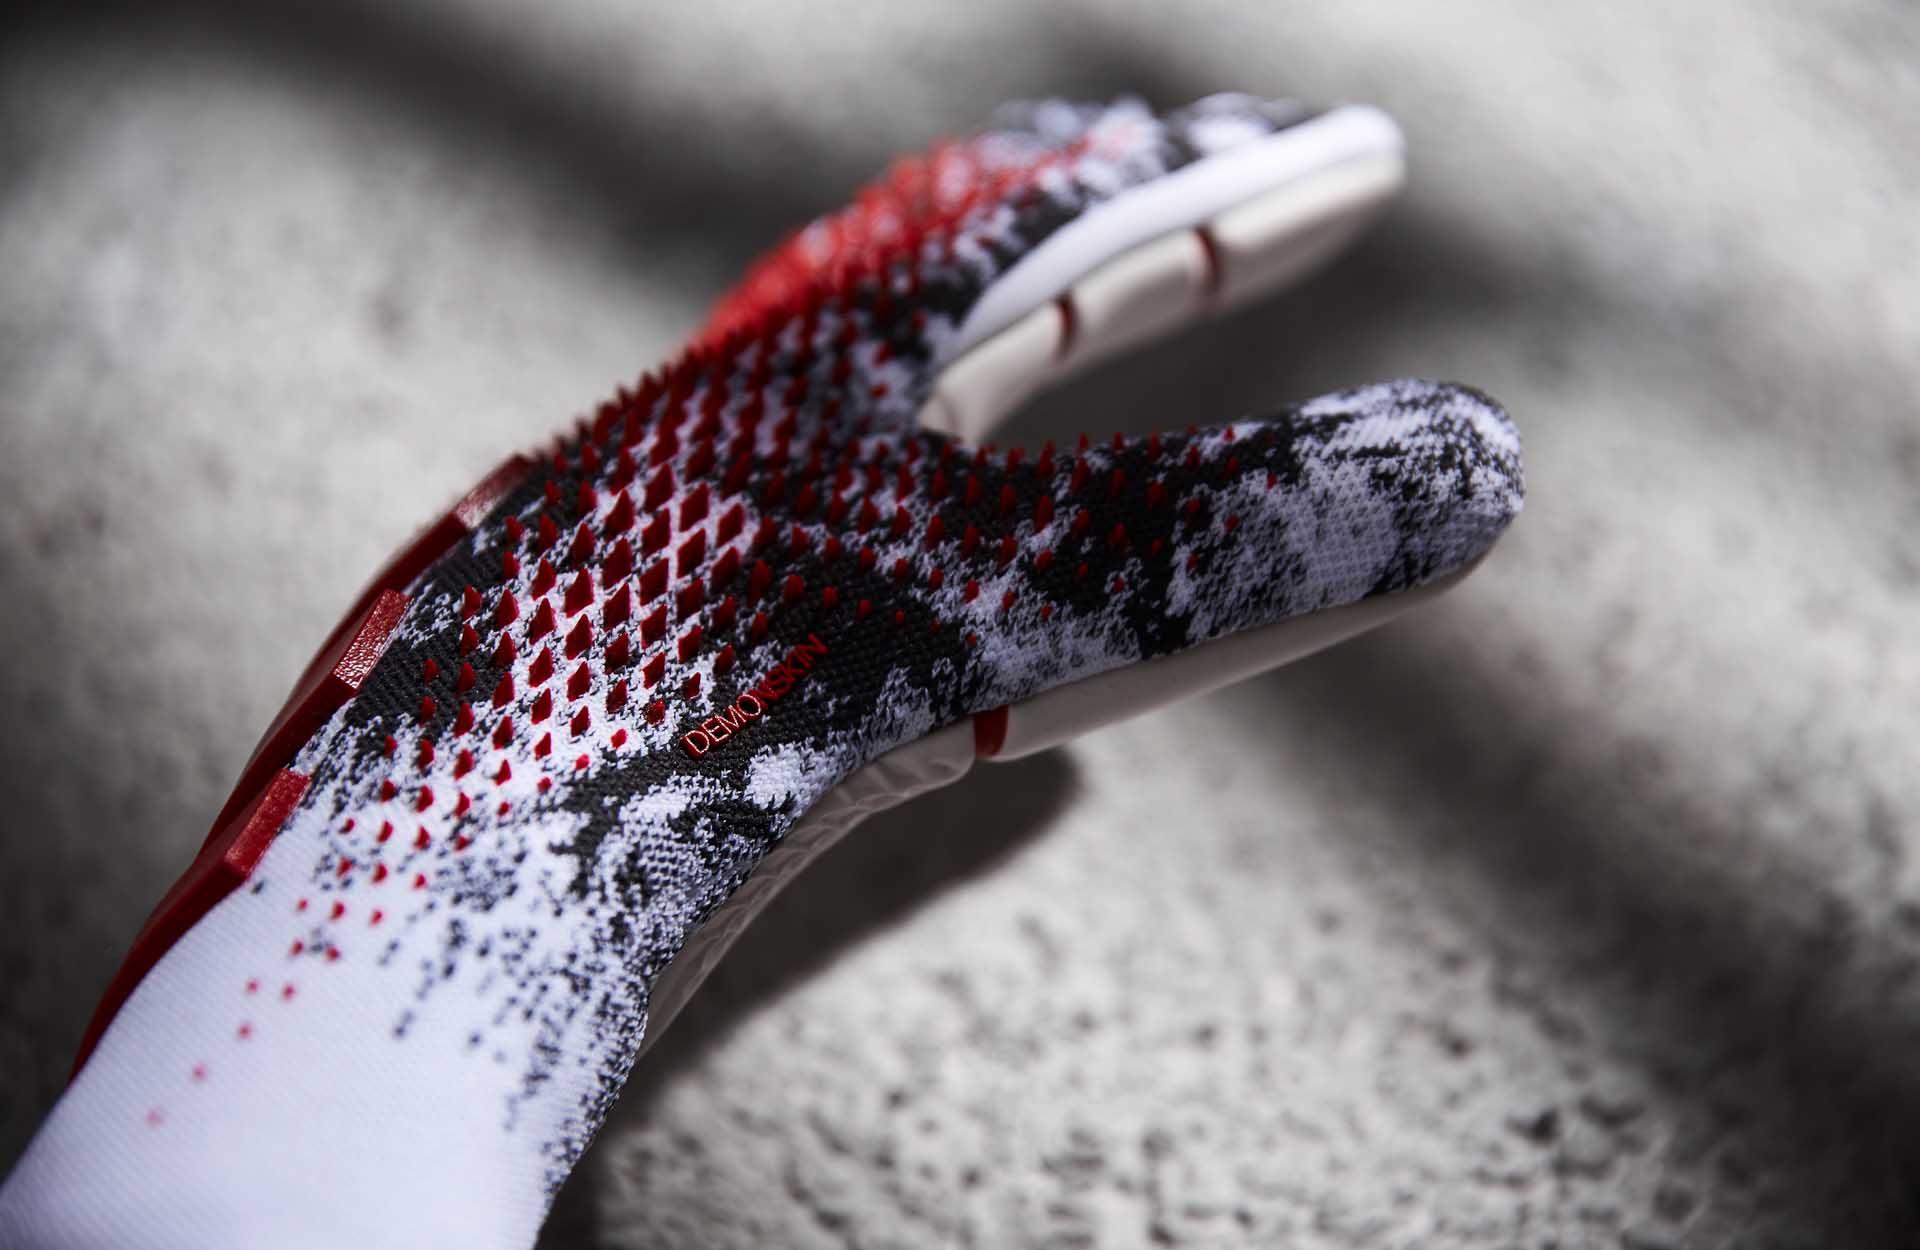 Thiết kế của găng tay thủ môn Manuel Neuer